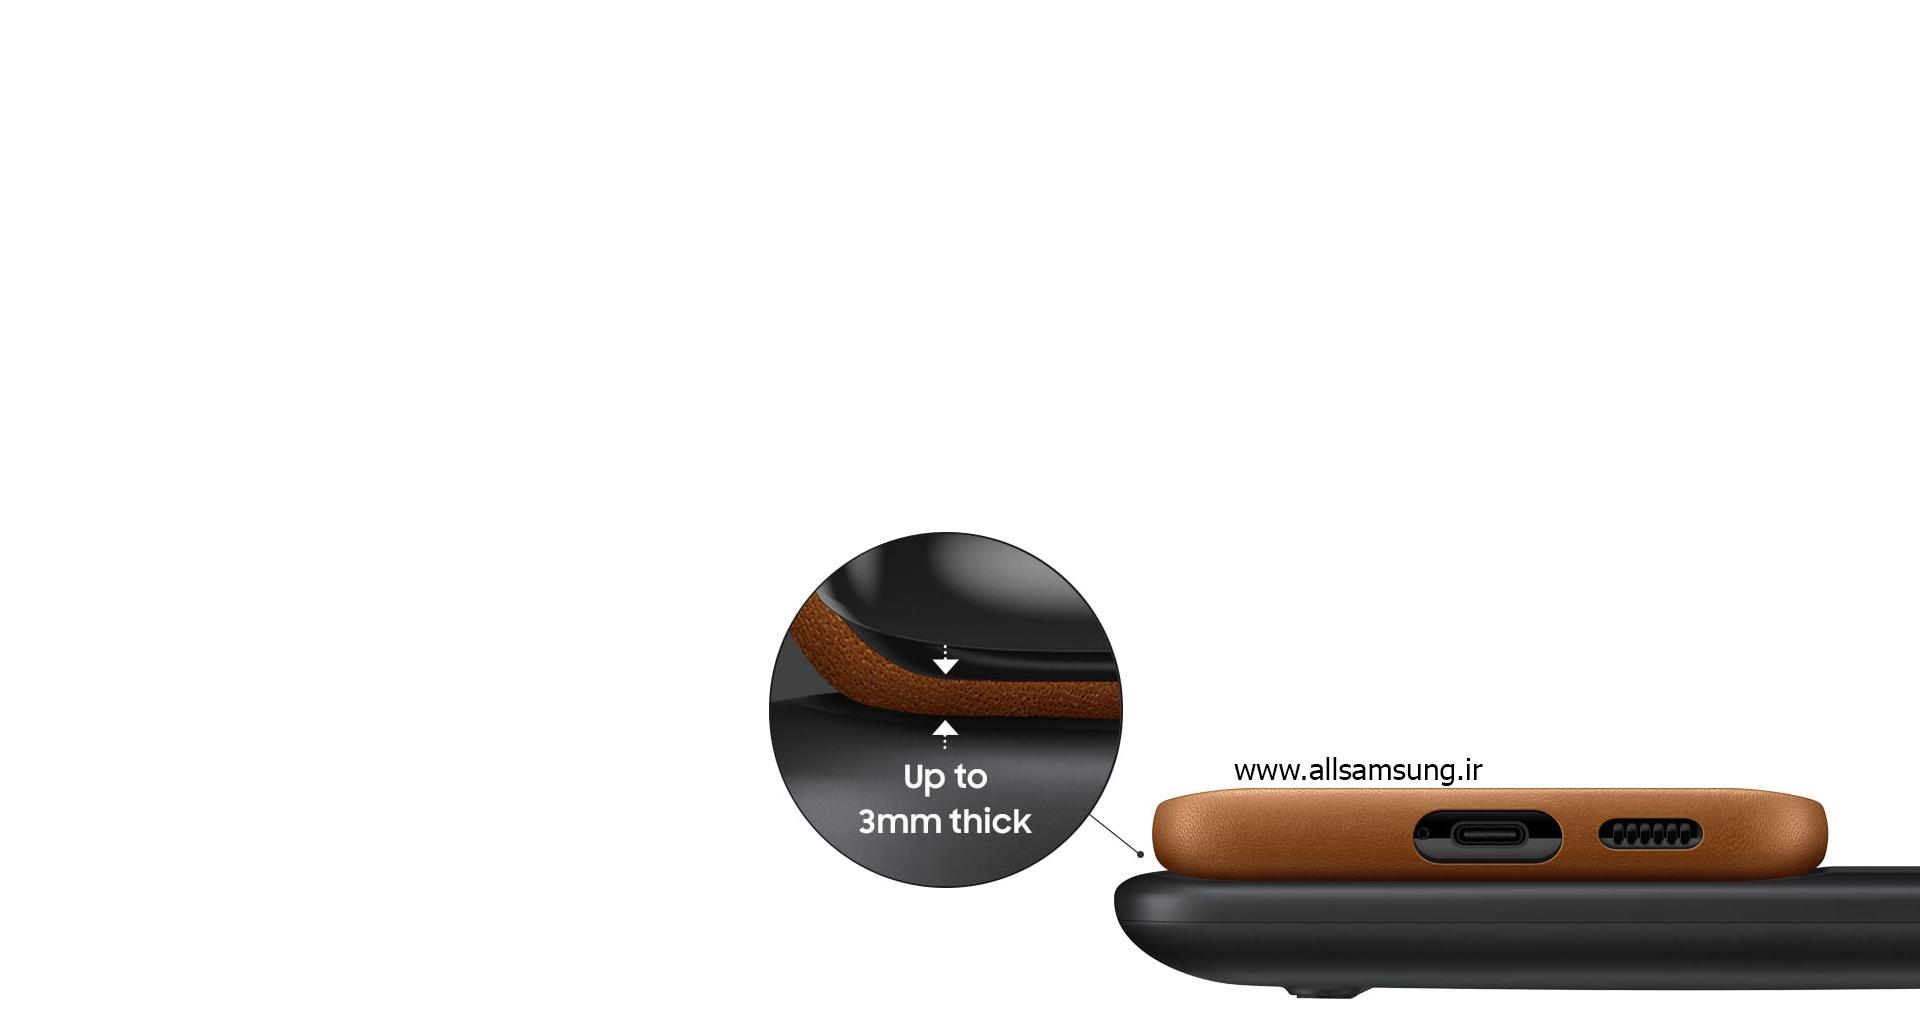 خرید اینترنتی شارژر بی سیم Duo